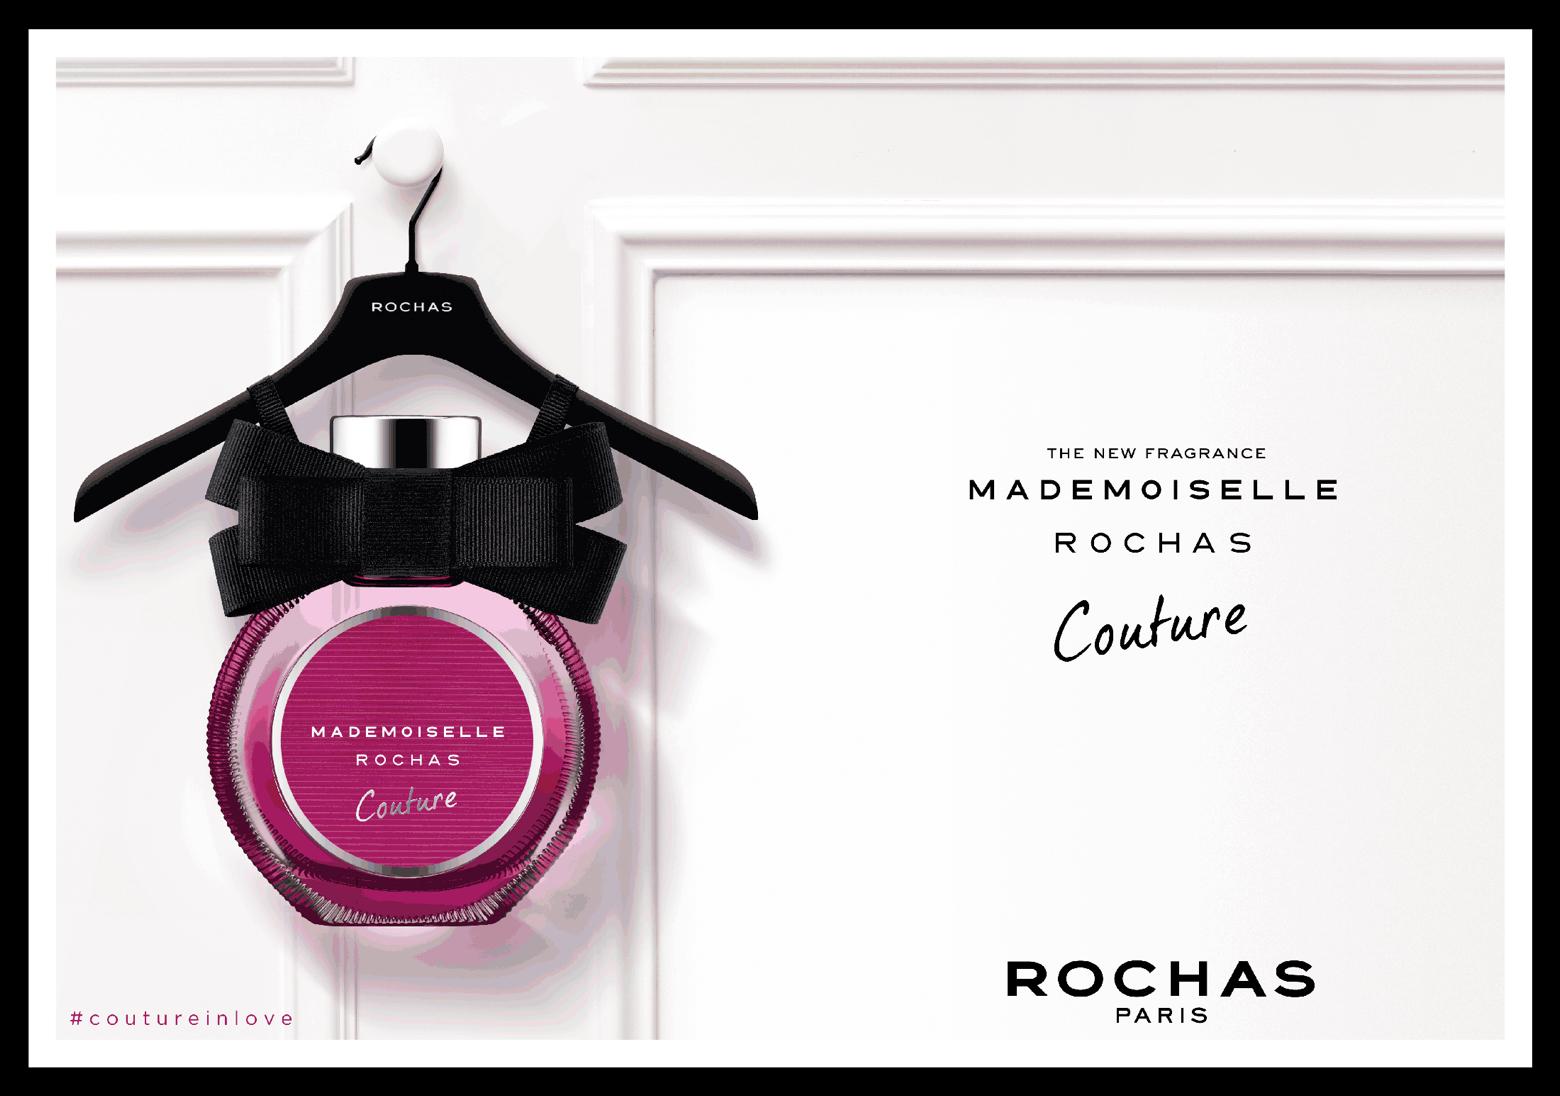 Mademoiselle Rochas Couture – Eau de Parfum